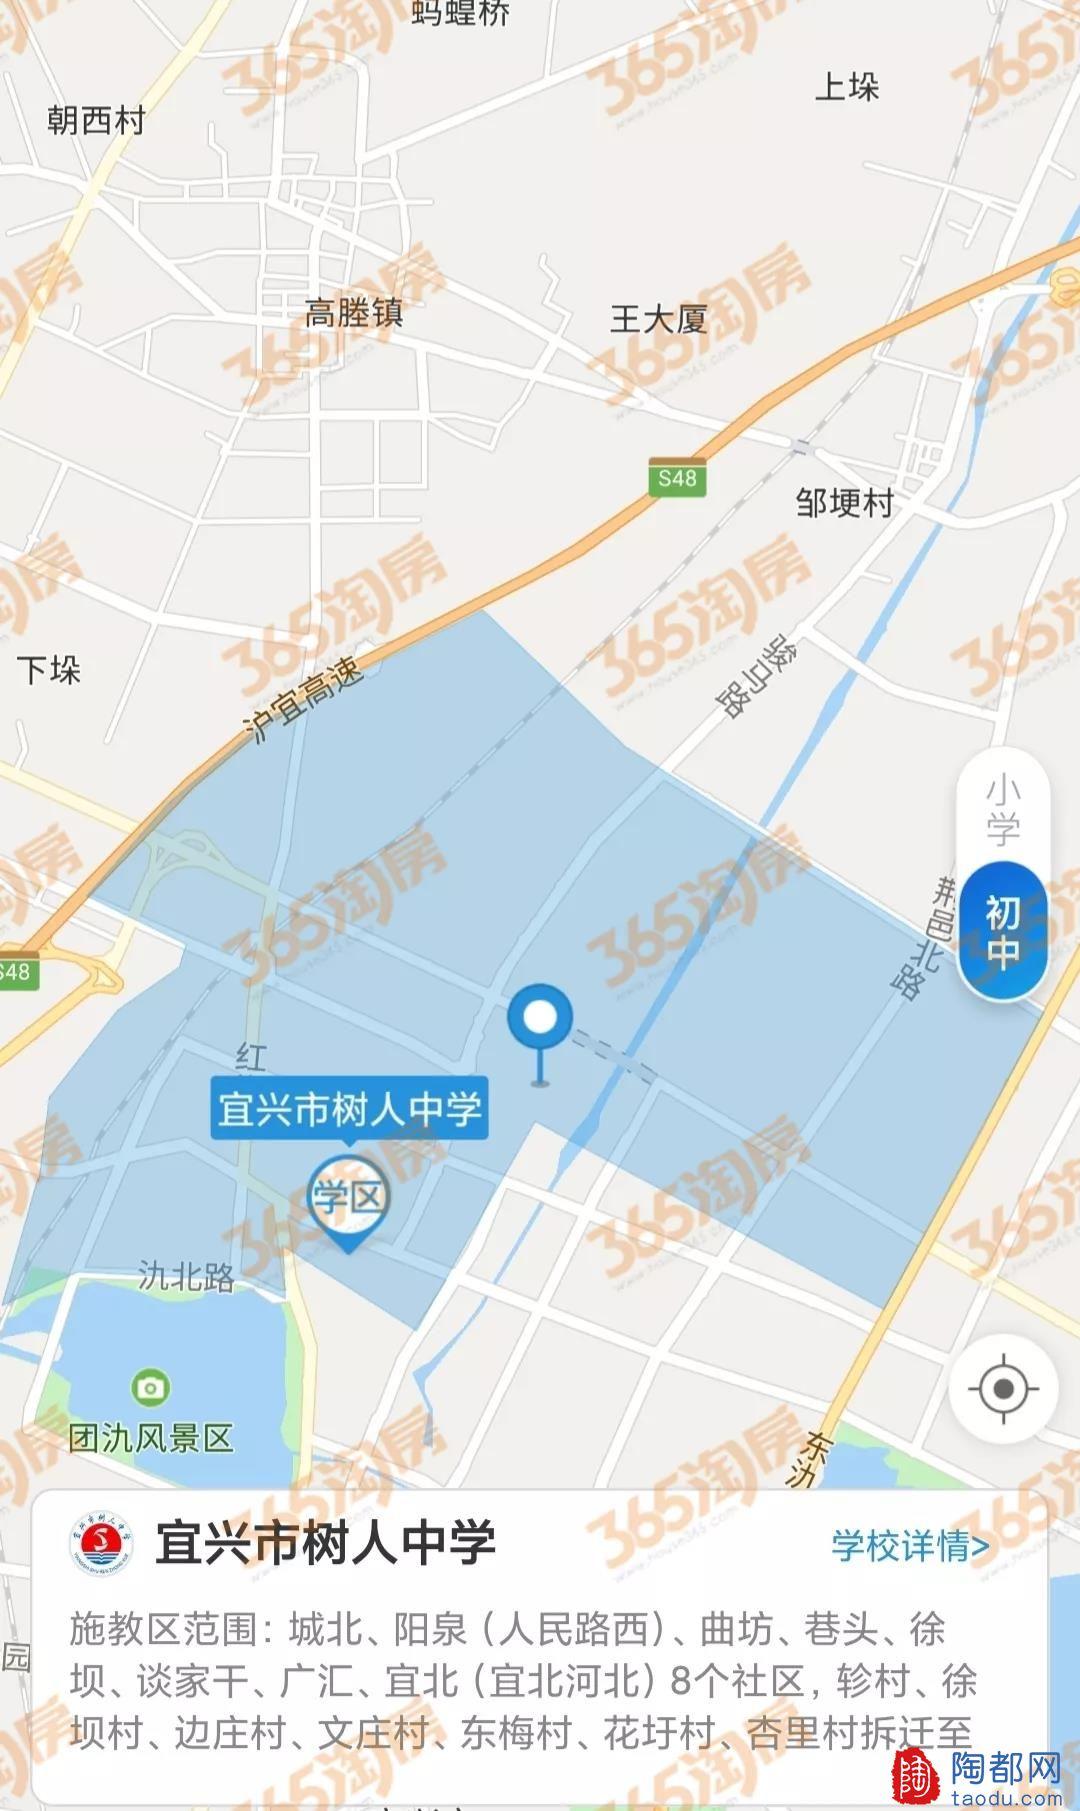 微信图片_20200110084535.jpg